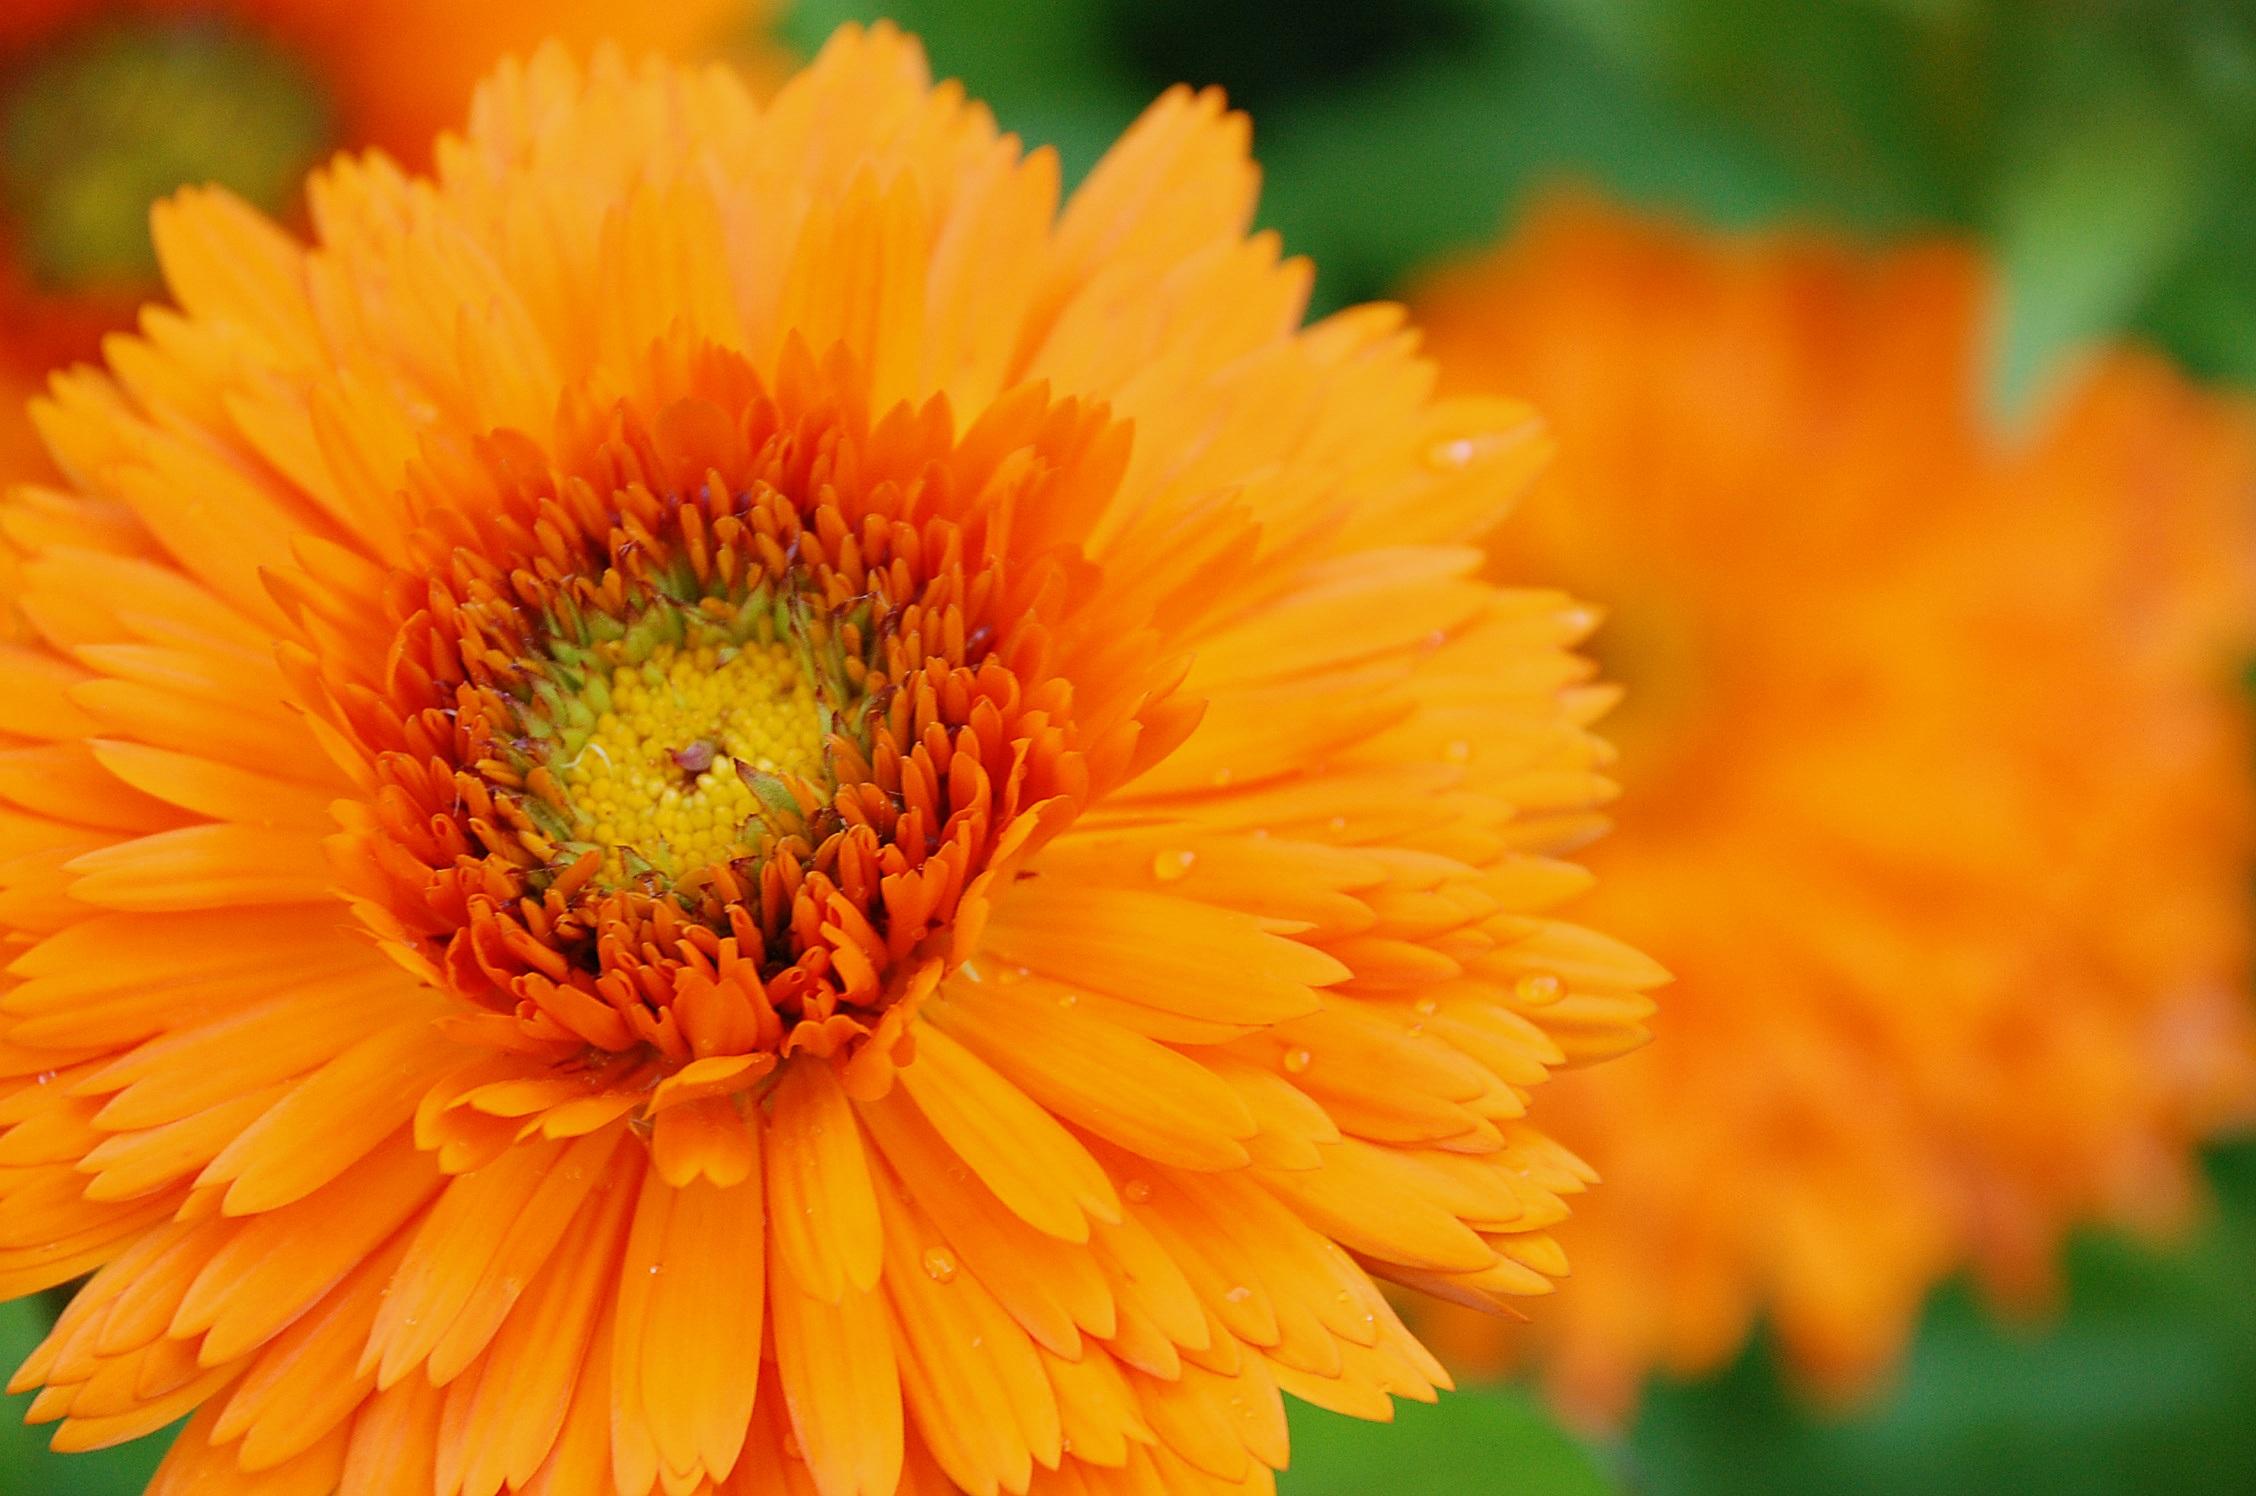 Free Images Blossom Flower Petal Orange Herb Botany Colorful